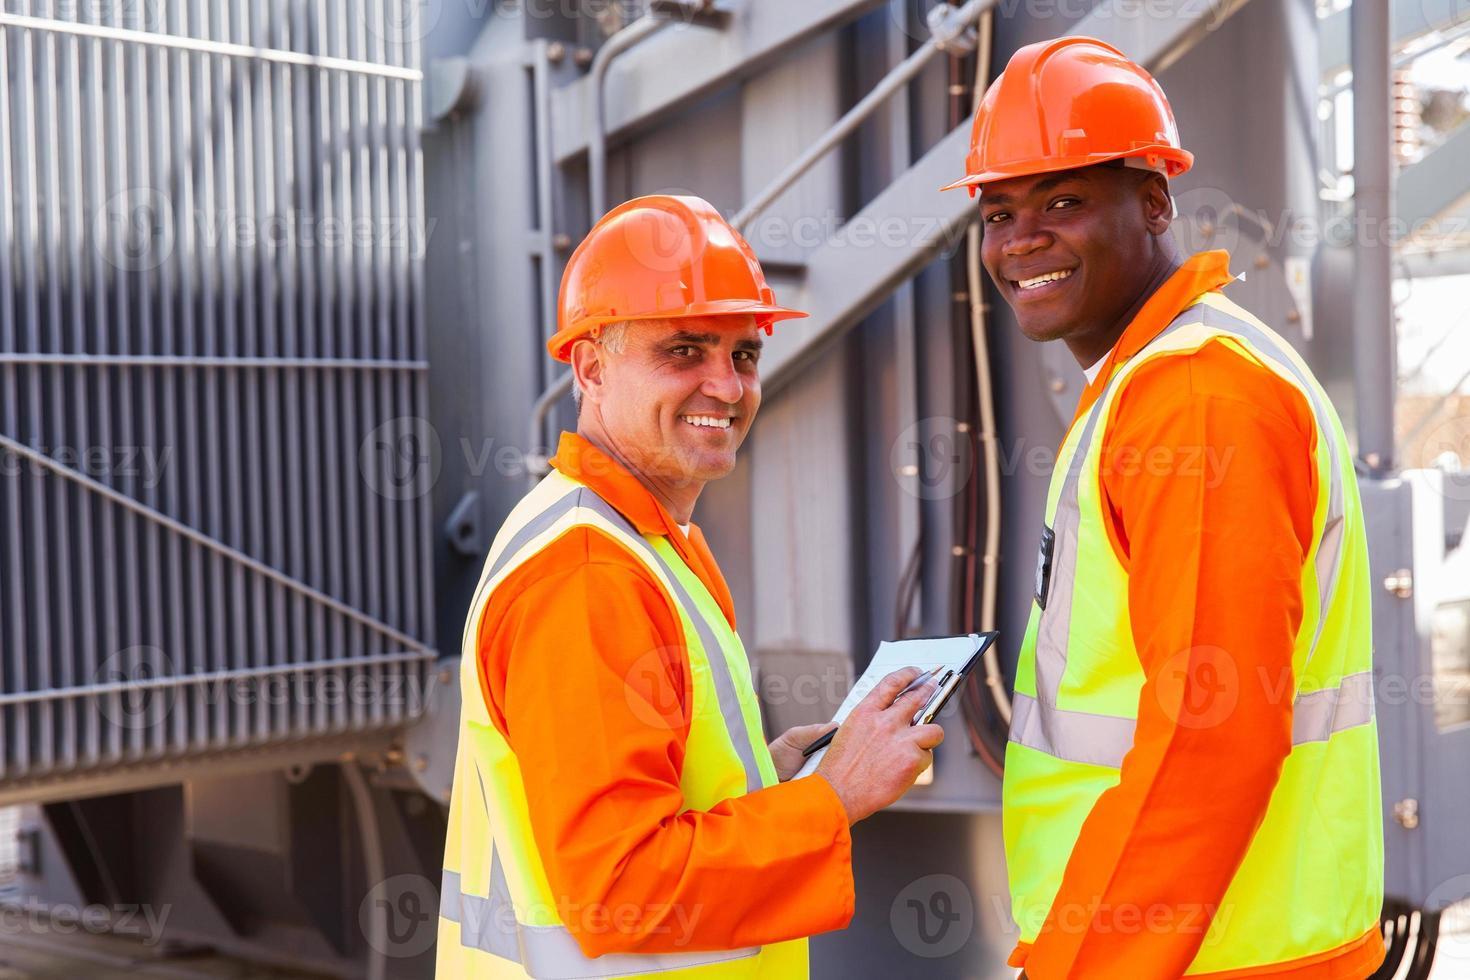 électriciens regardant en arrière dans la sous-station électrique photo